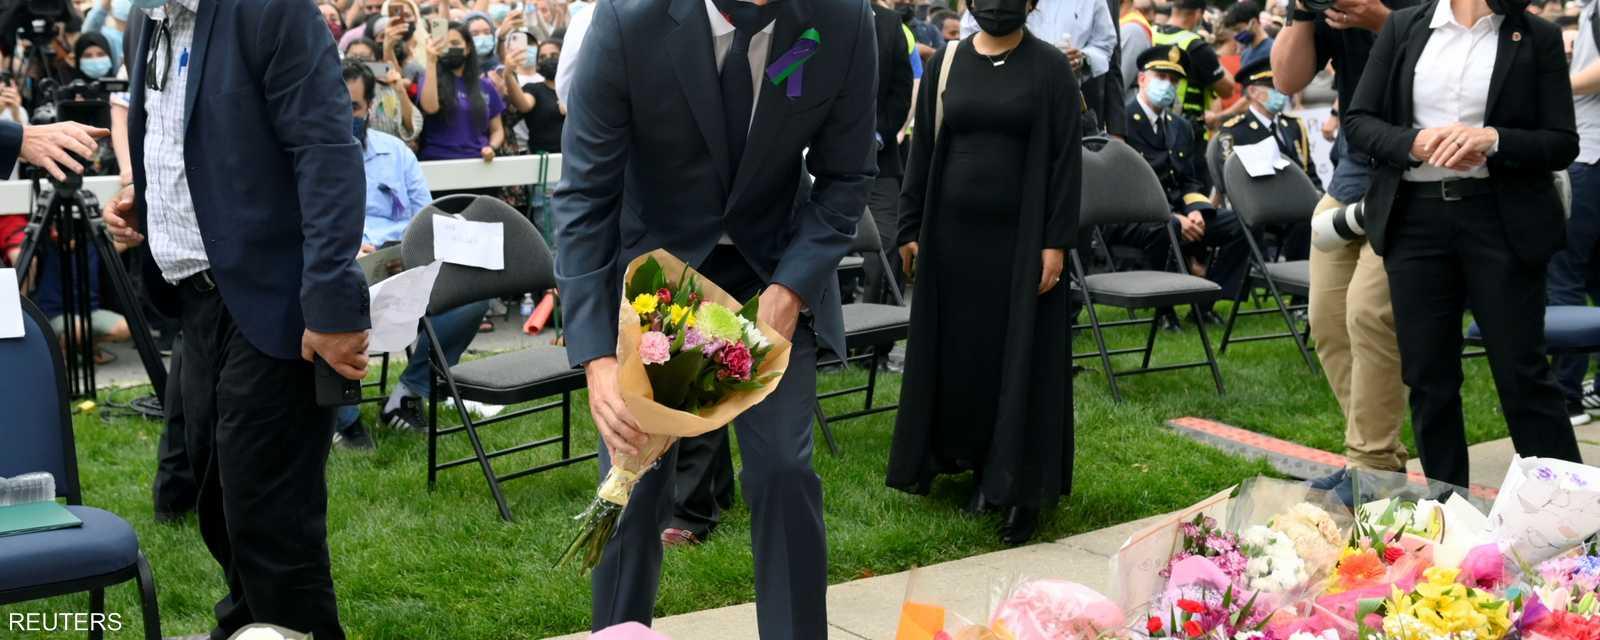 ترودو يضع الزهور أمام مسجد لندن